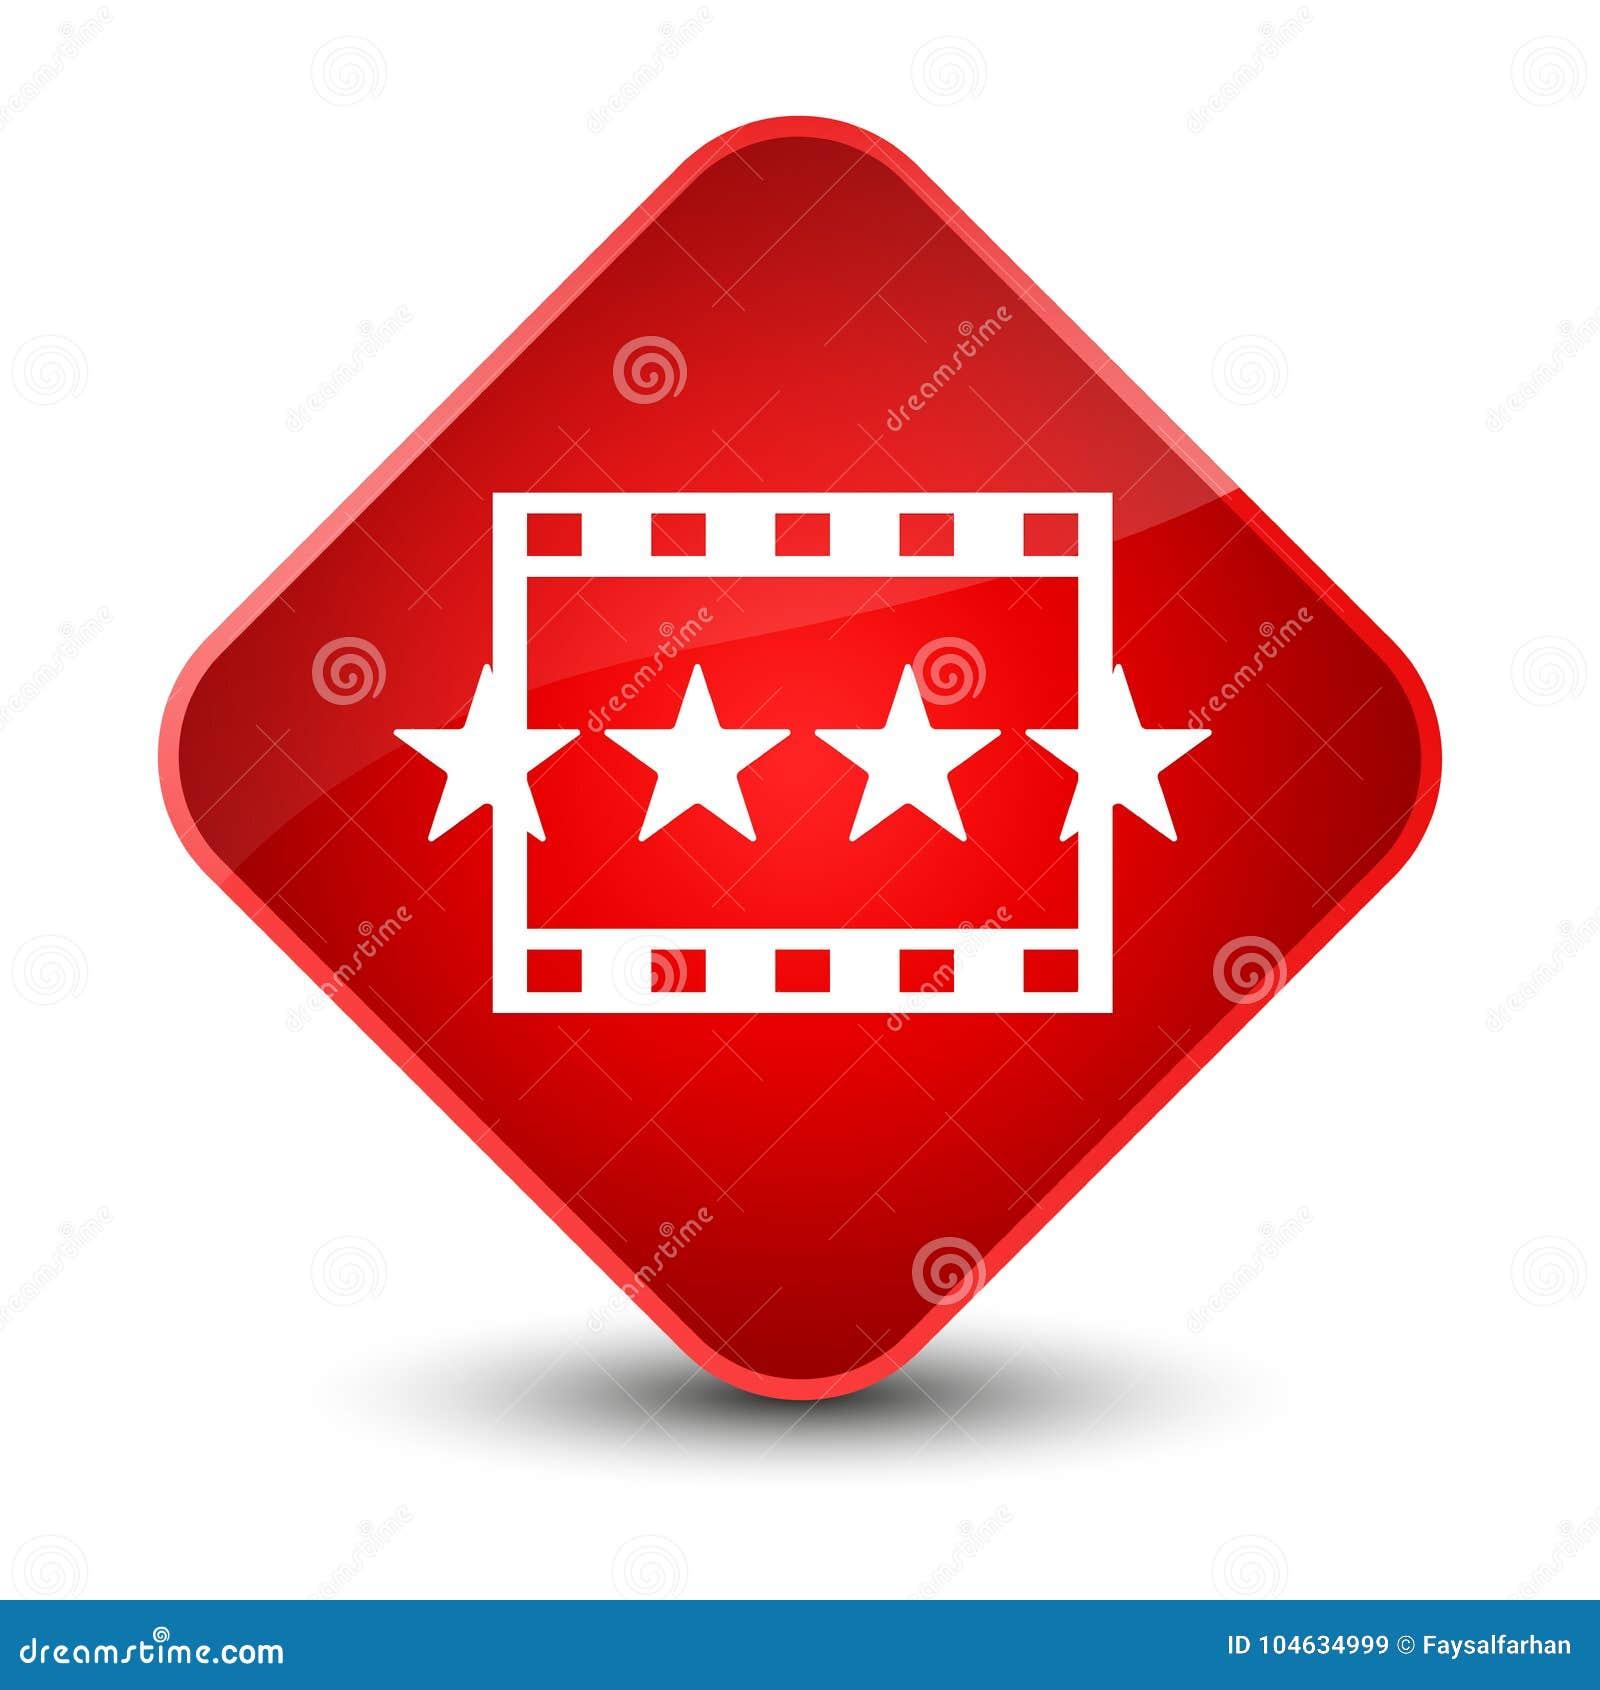 Download Knoop Van De Het Pictogram De Elegante Rode Diamant Van Filmoverzichten Stock Illustratie - Illustratie bestaande uit symbool, film: 104634999